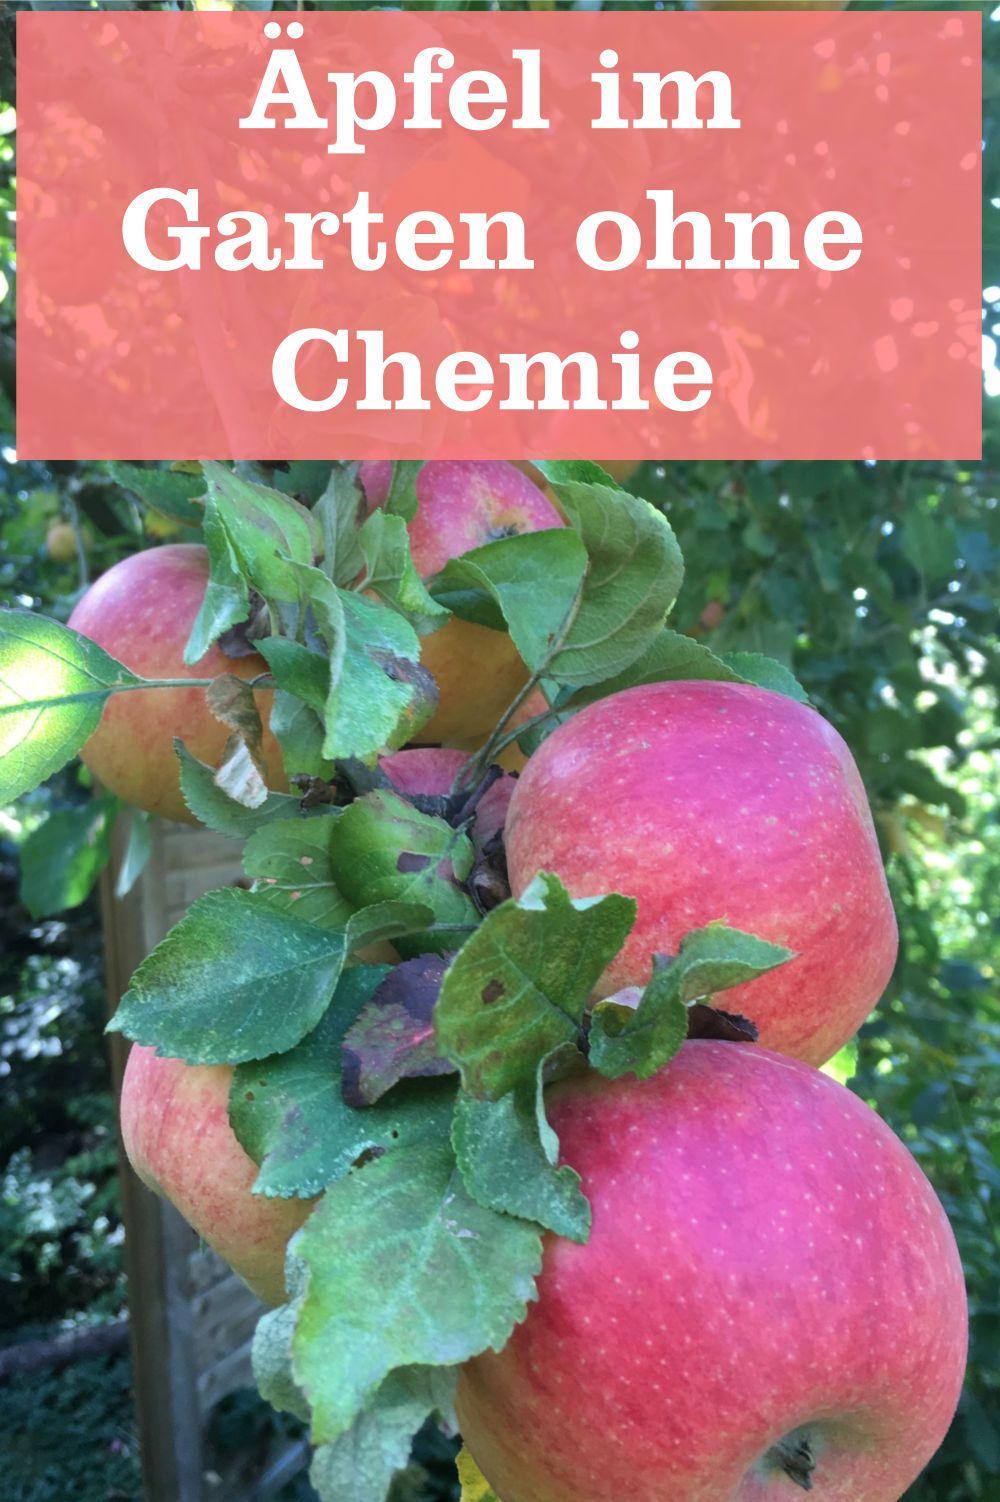 Apfel Ohne Chemie Gartenbob De Der Garten Ratgeber Obstgeholze Pflanzen Garten